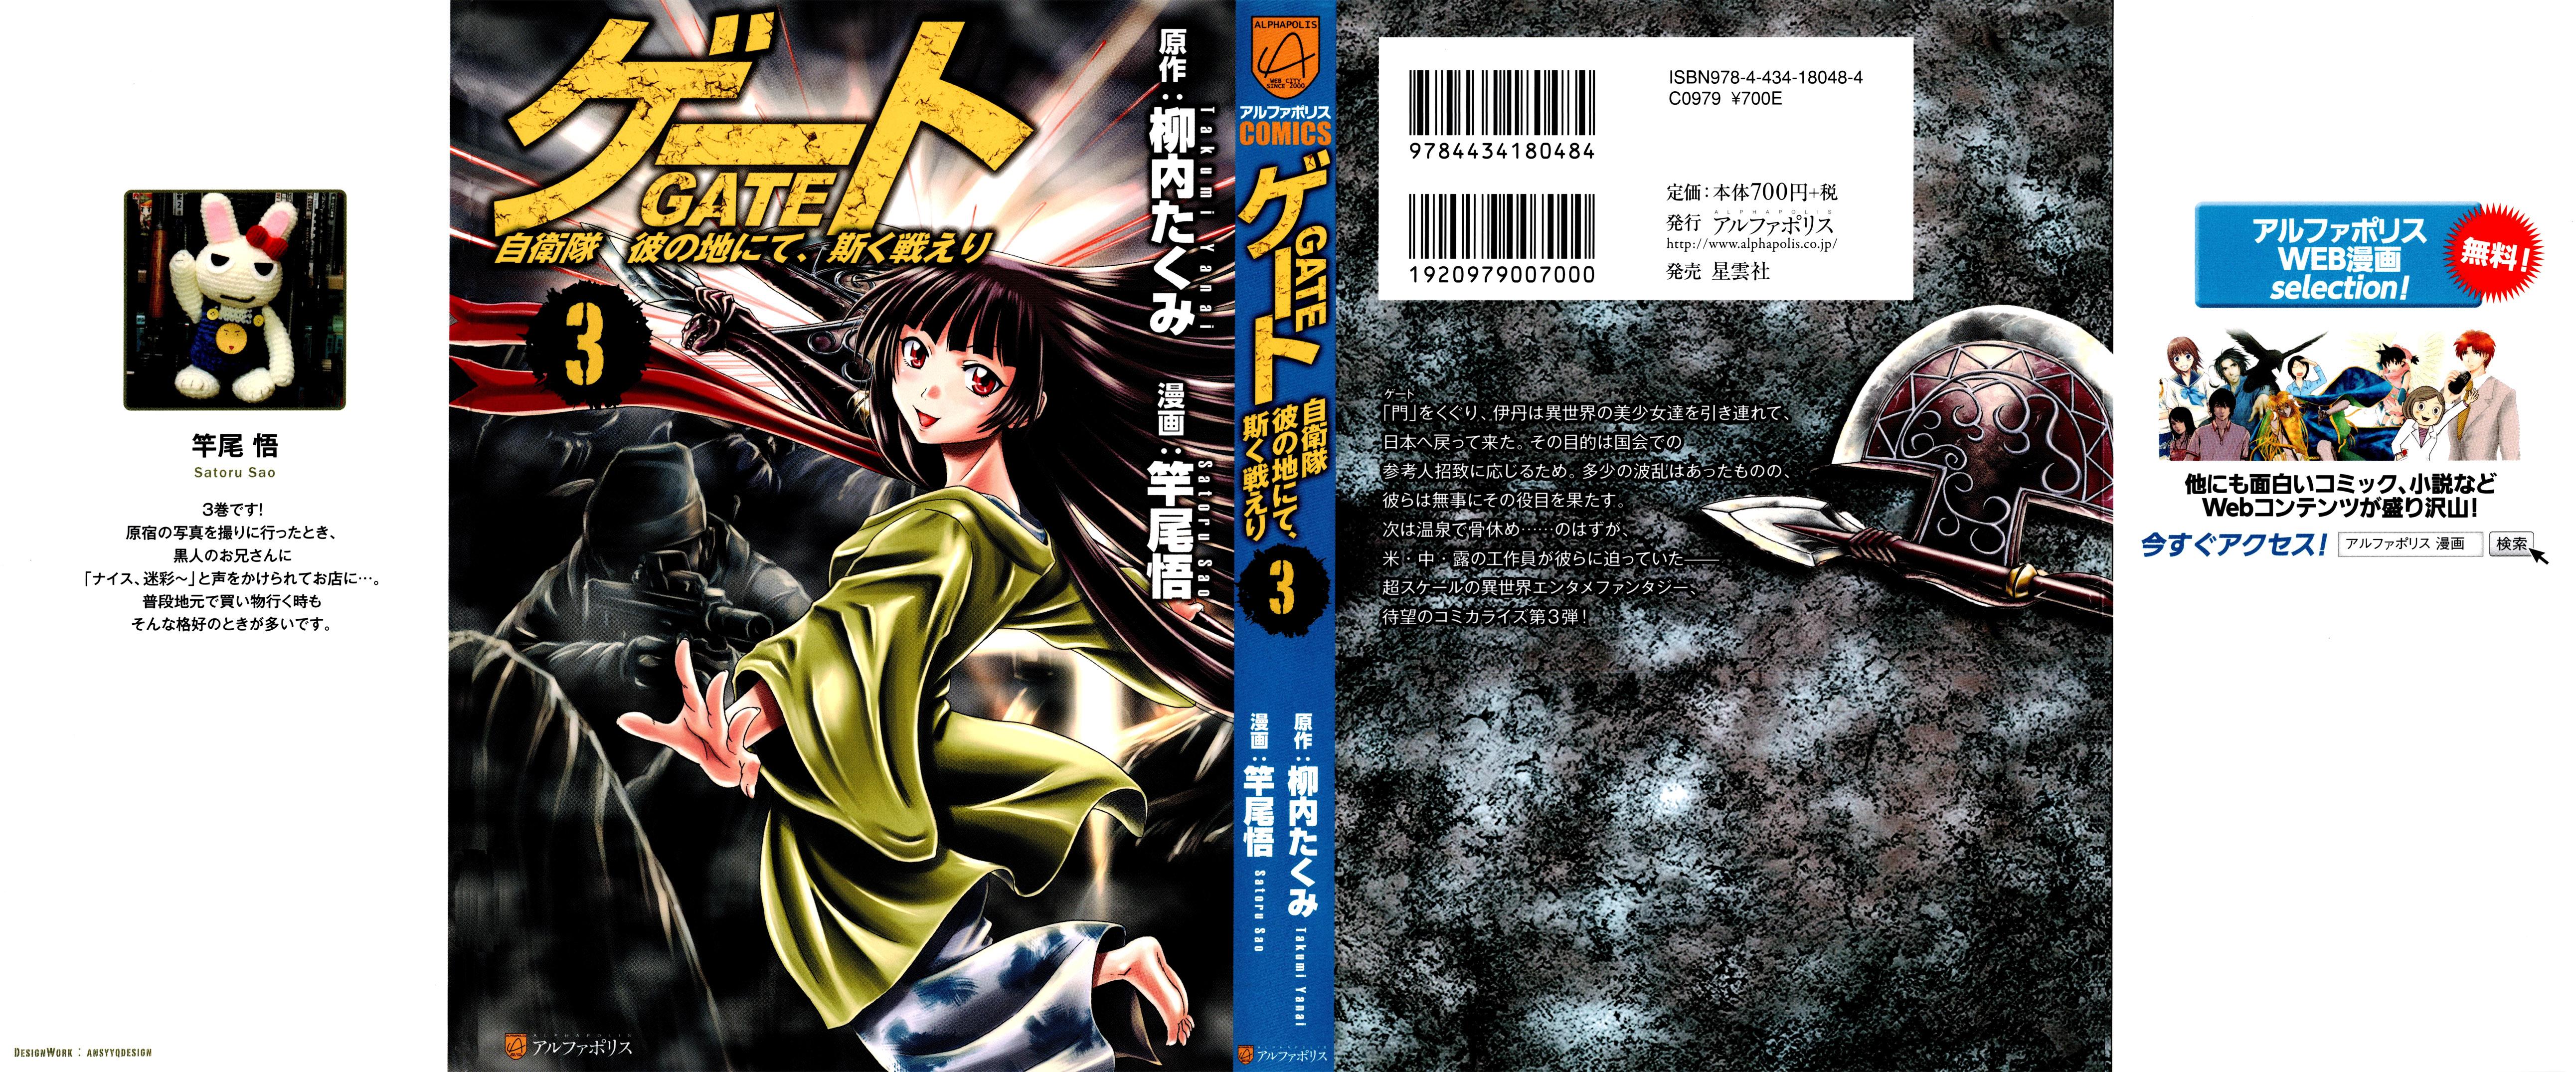 https://c5.ninemanga.com/es_manga/59/187/351118/51efec699670c82f306c1b8251b8a6ae.jpg Page 1